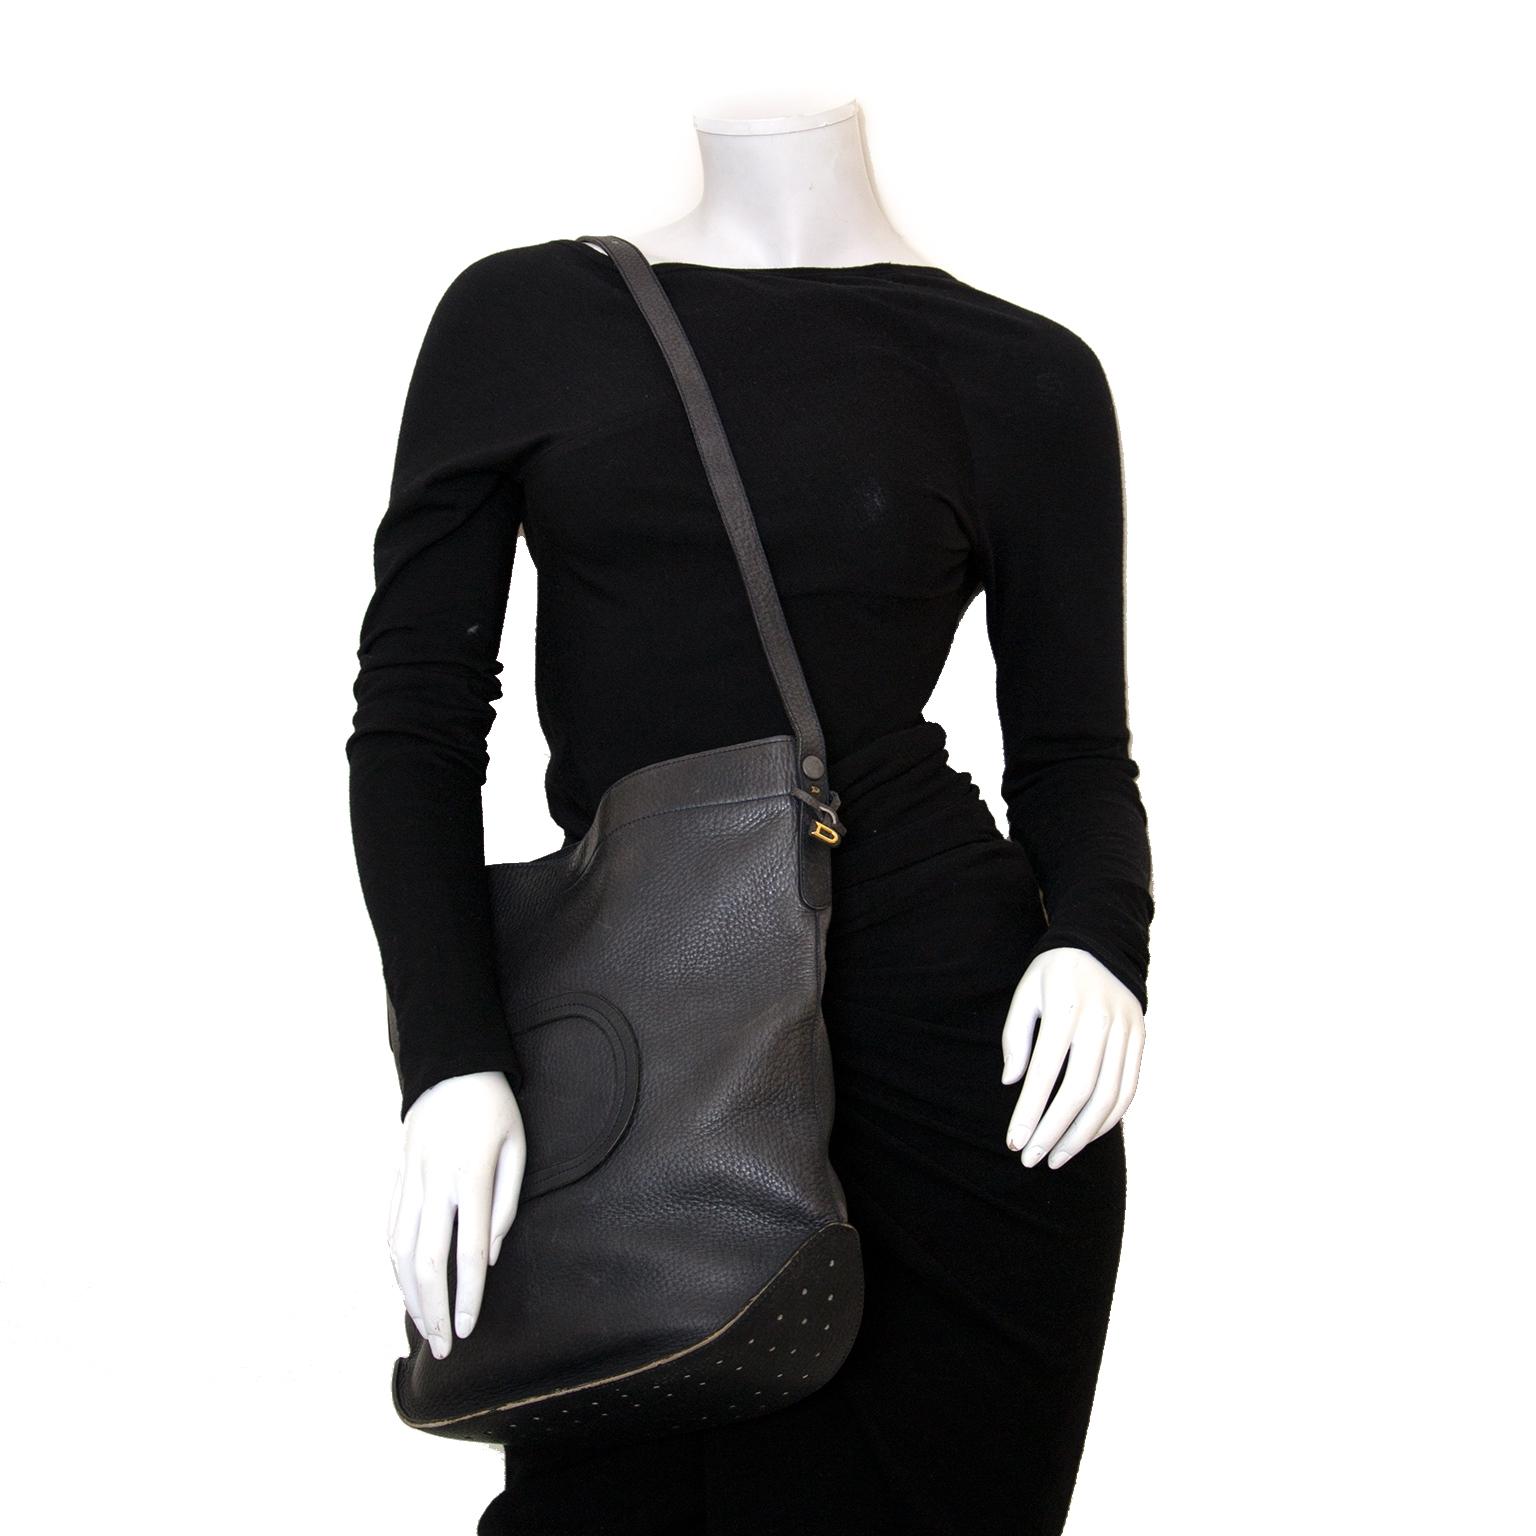 Delvaux Le Pin Bag now online at vintage fashion webshop Labellov